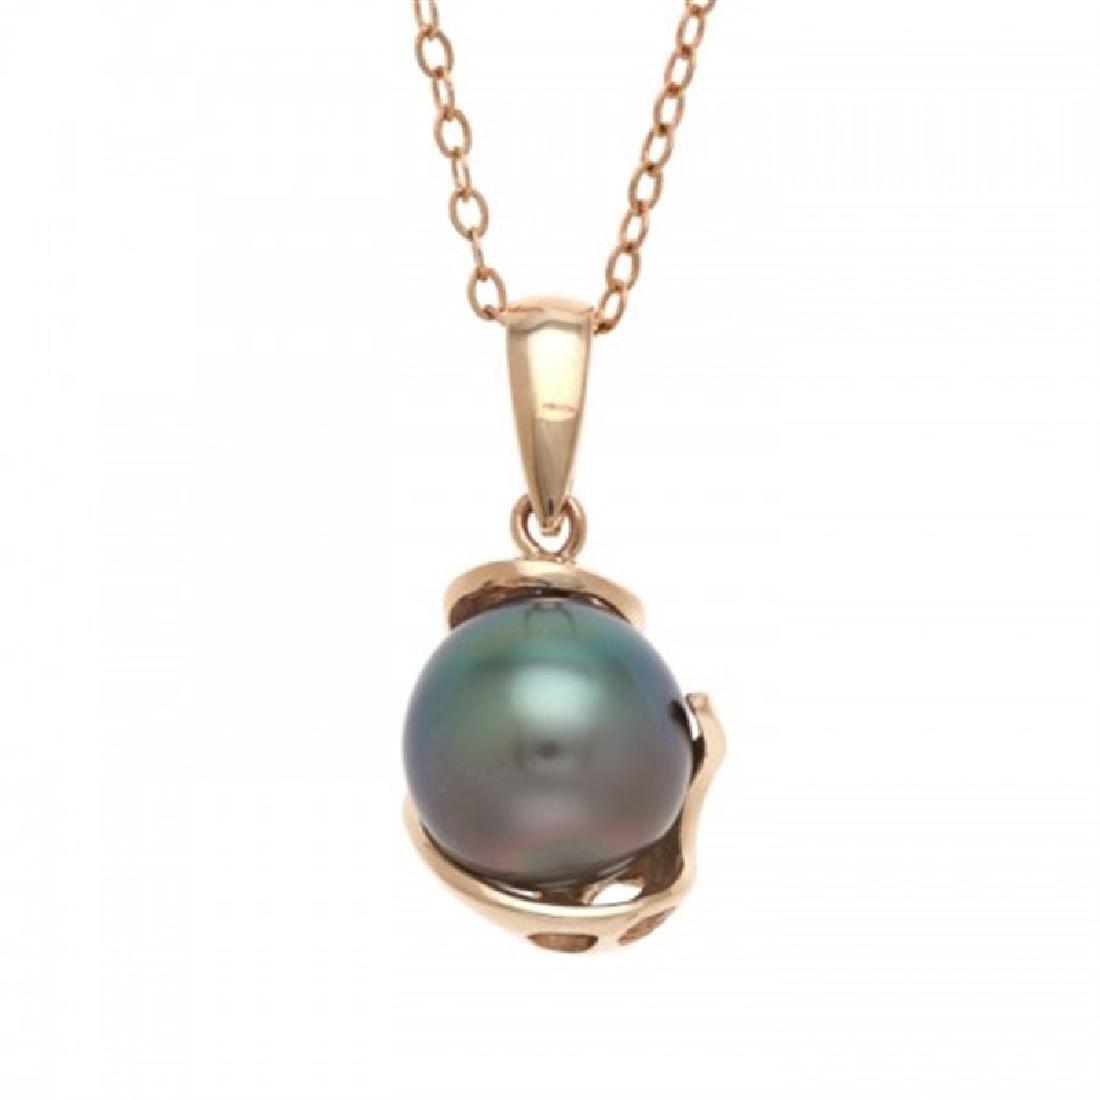 9.5-10.0mm Tahitian Black Pearl Pendant